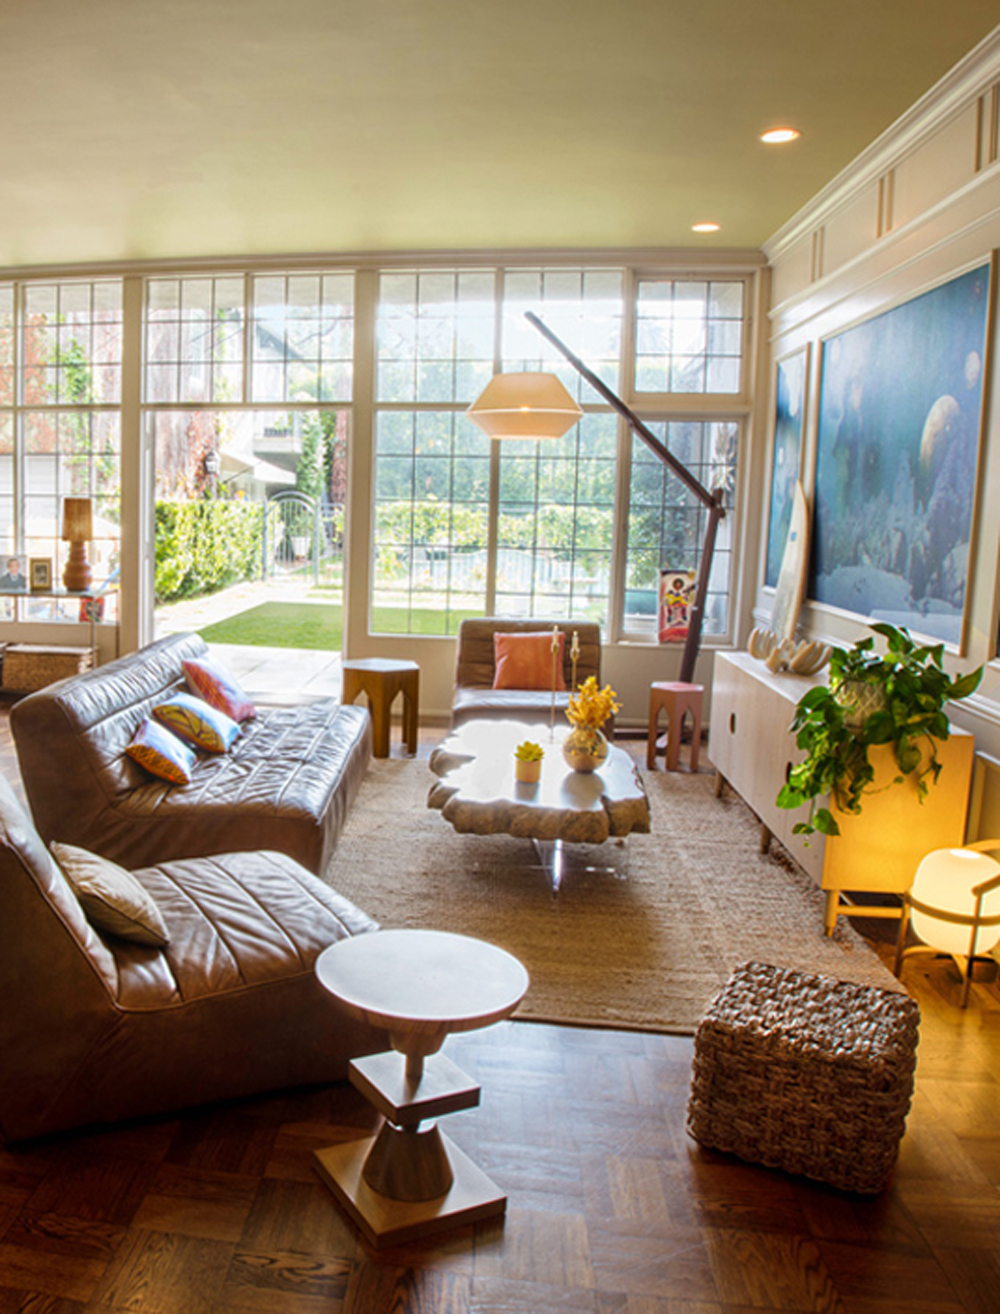 Transformational Interior Design in Los Angeles